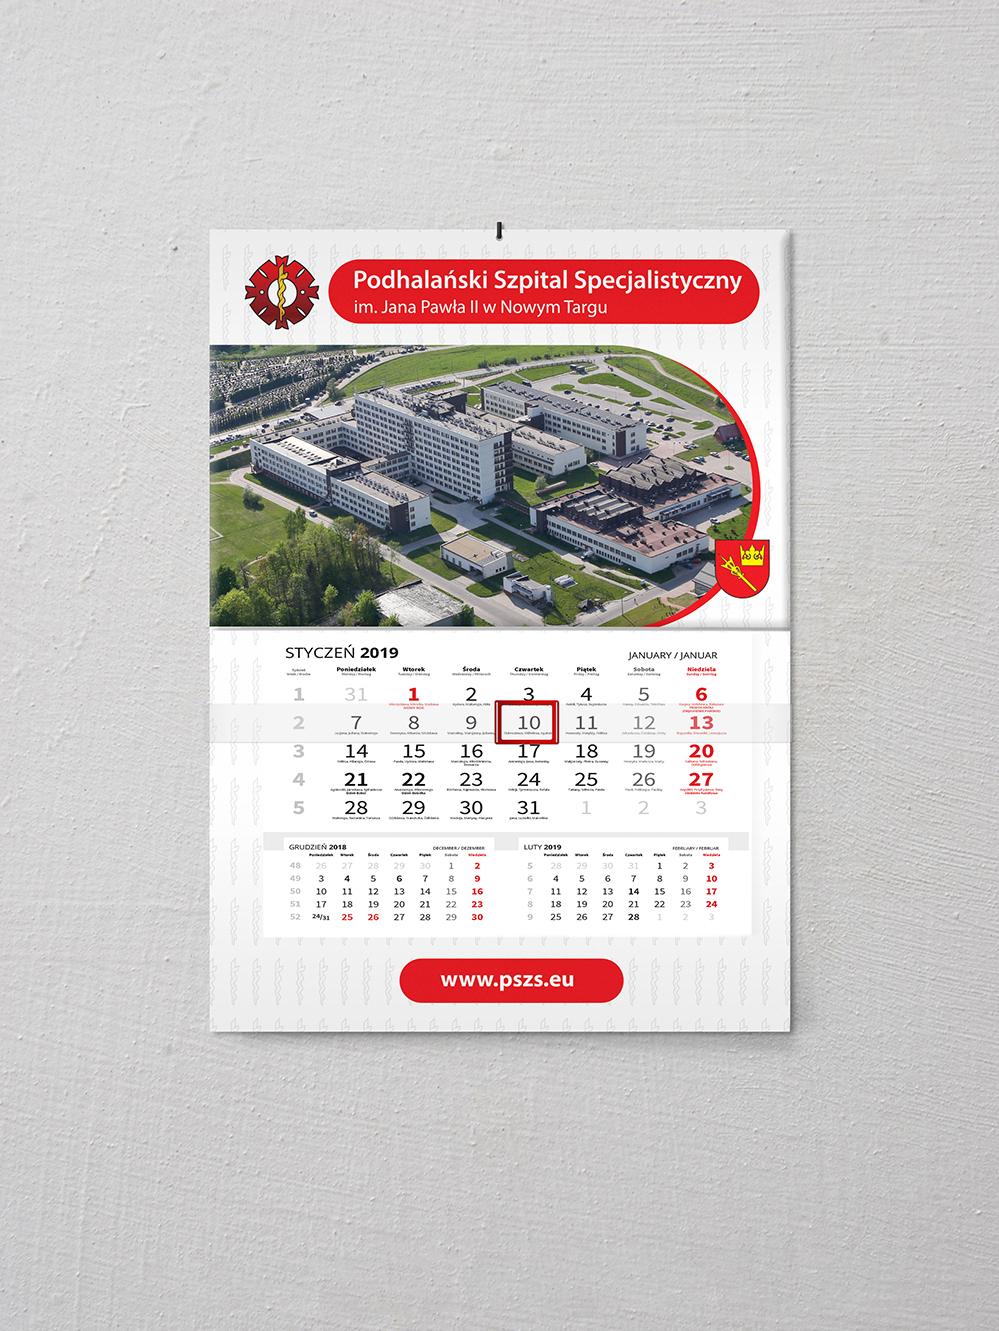 Przygotowanie projektu oraz druk kalendarzy jednodzielnych z wypukłą główką. Podkład kreda błysk 350g, plecy karton 250g, folia mat + lakier uv